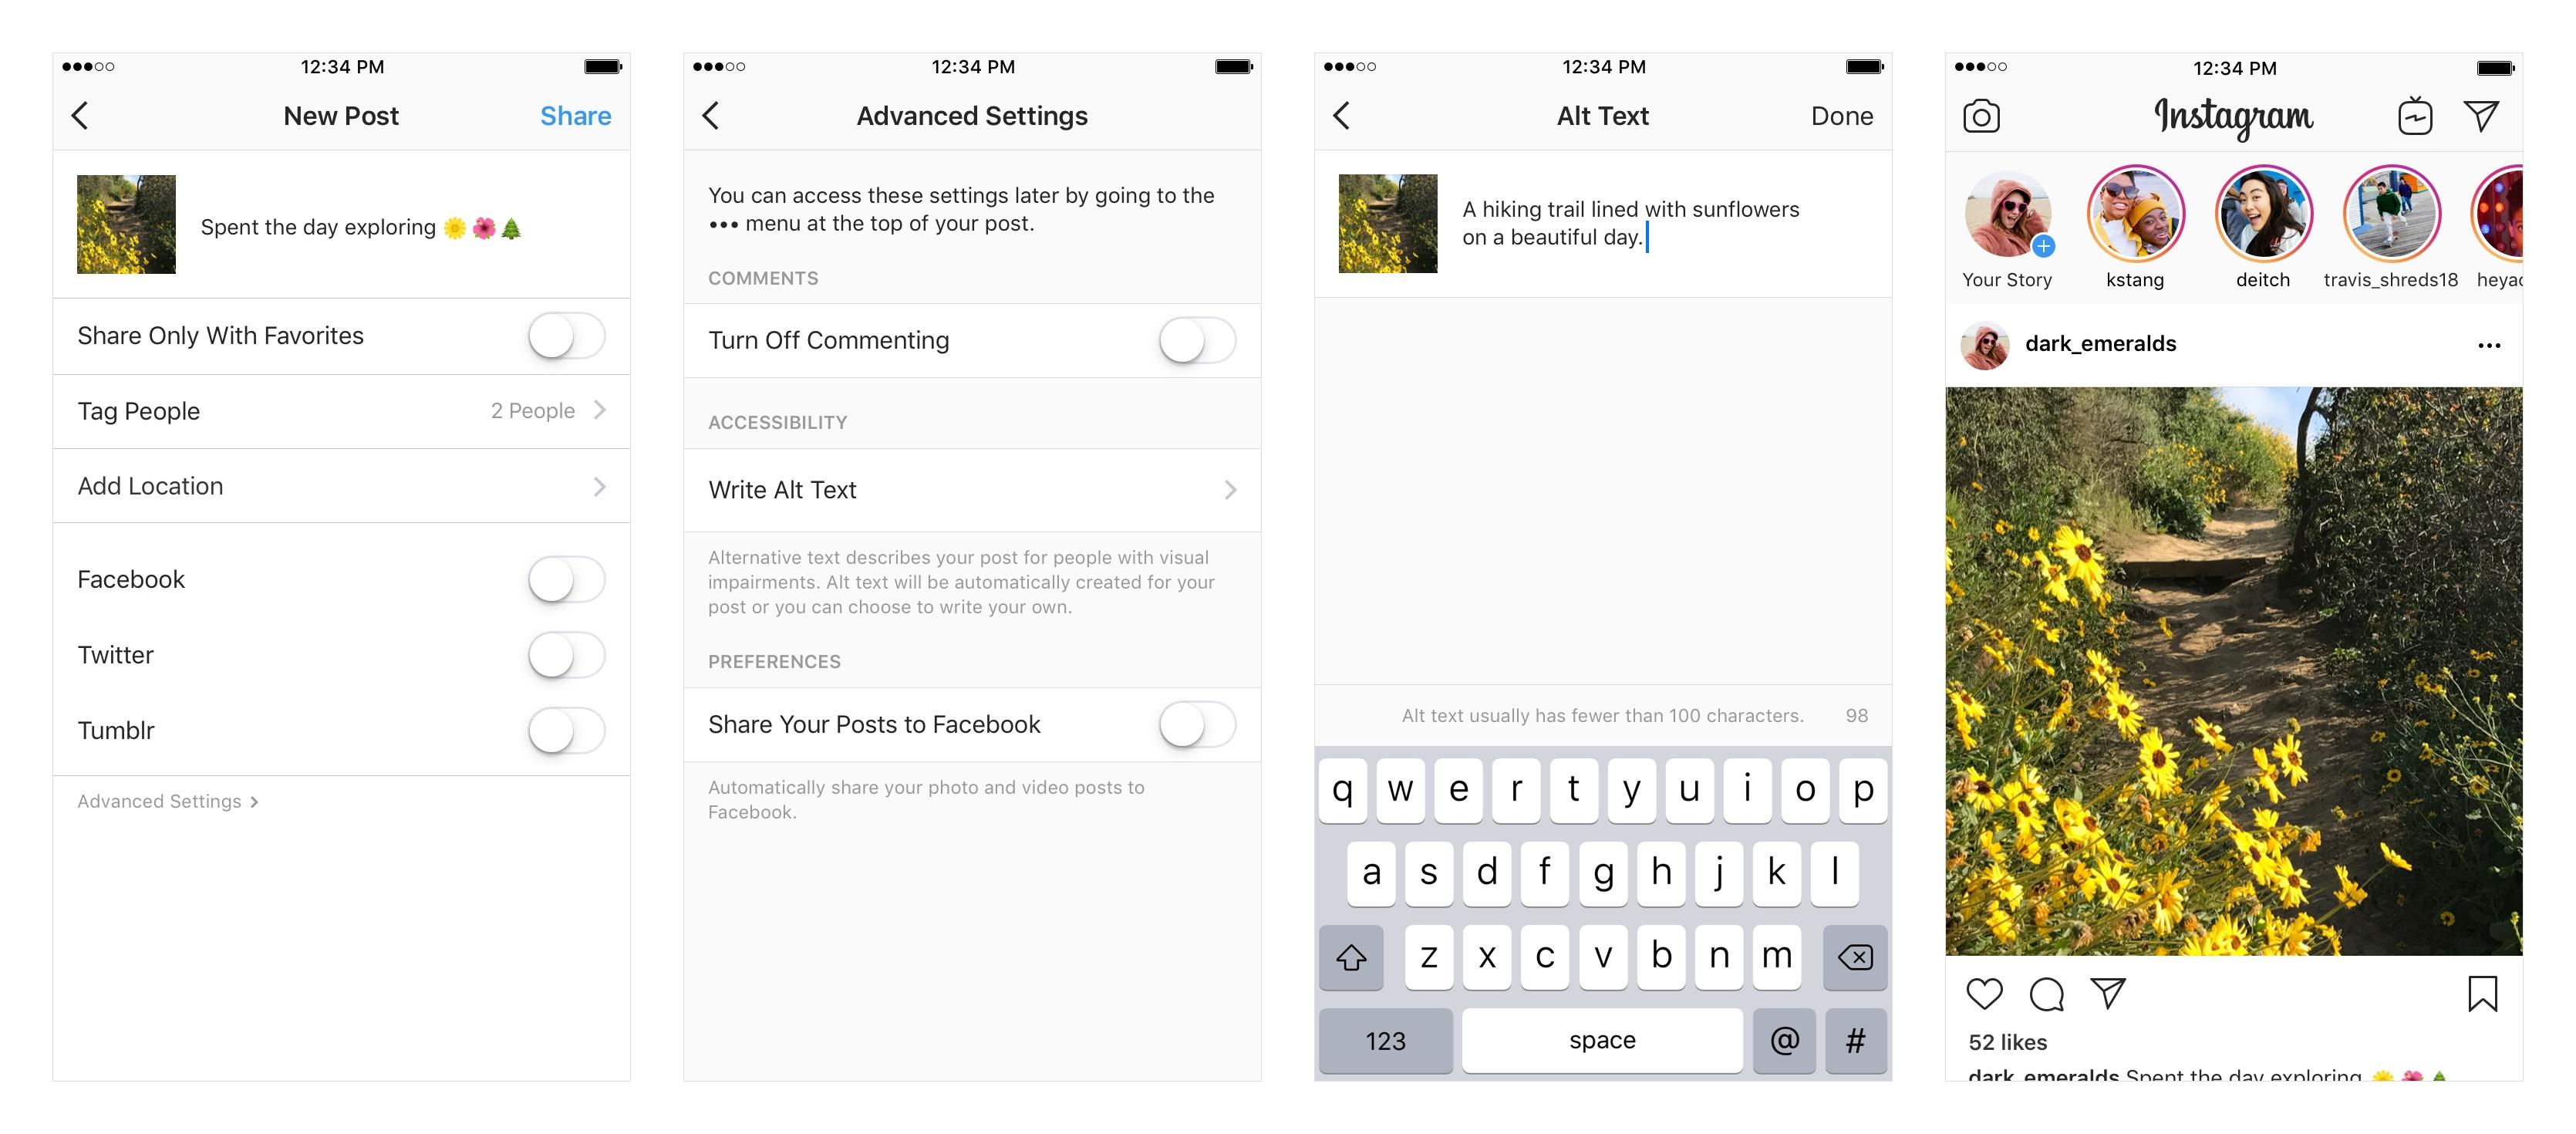 Instagram : l'IA est introduite pour rendre le réseau social plus accessible